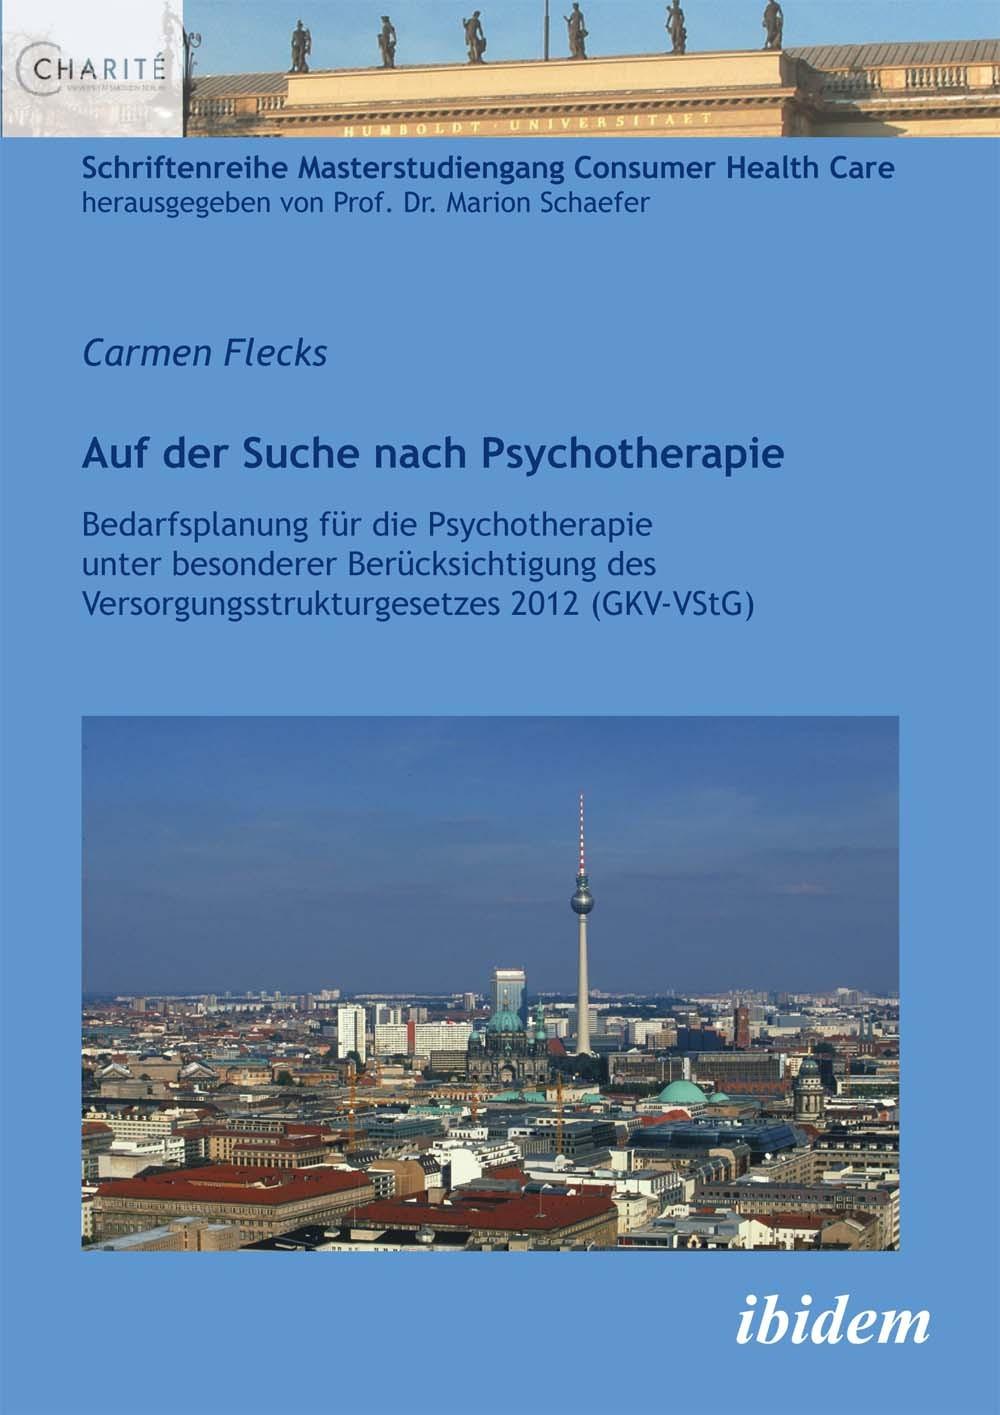 Auf der Suche nach Psychotherapie